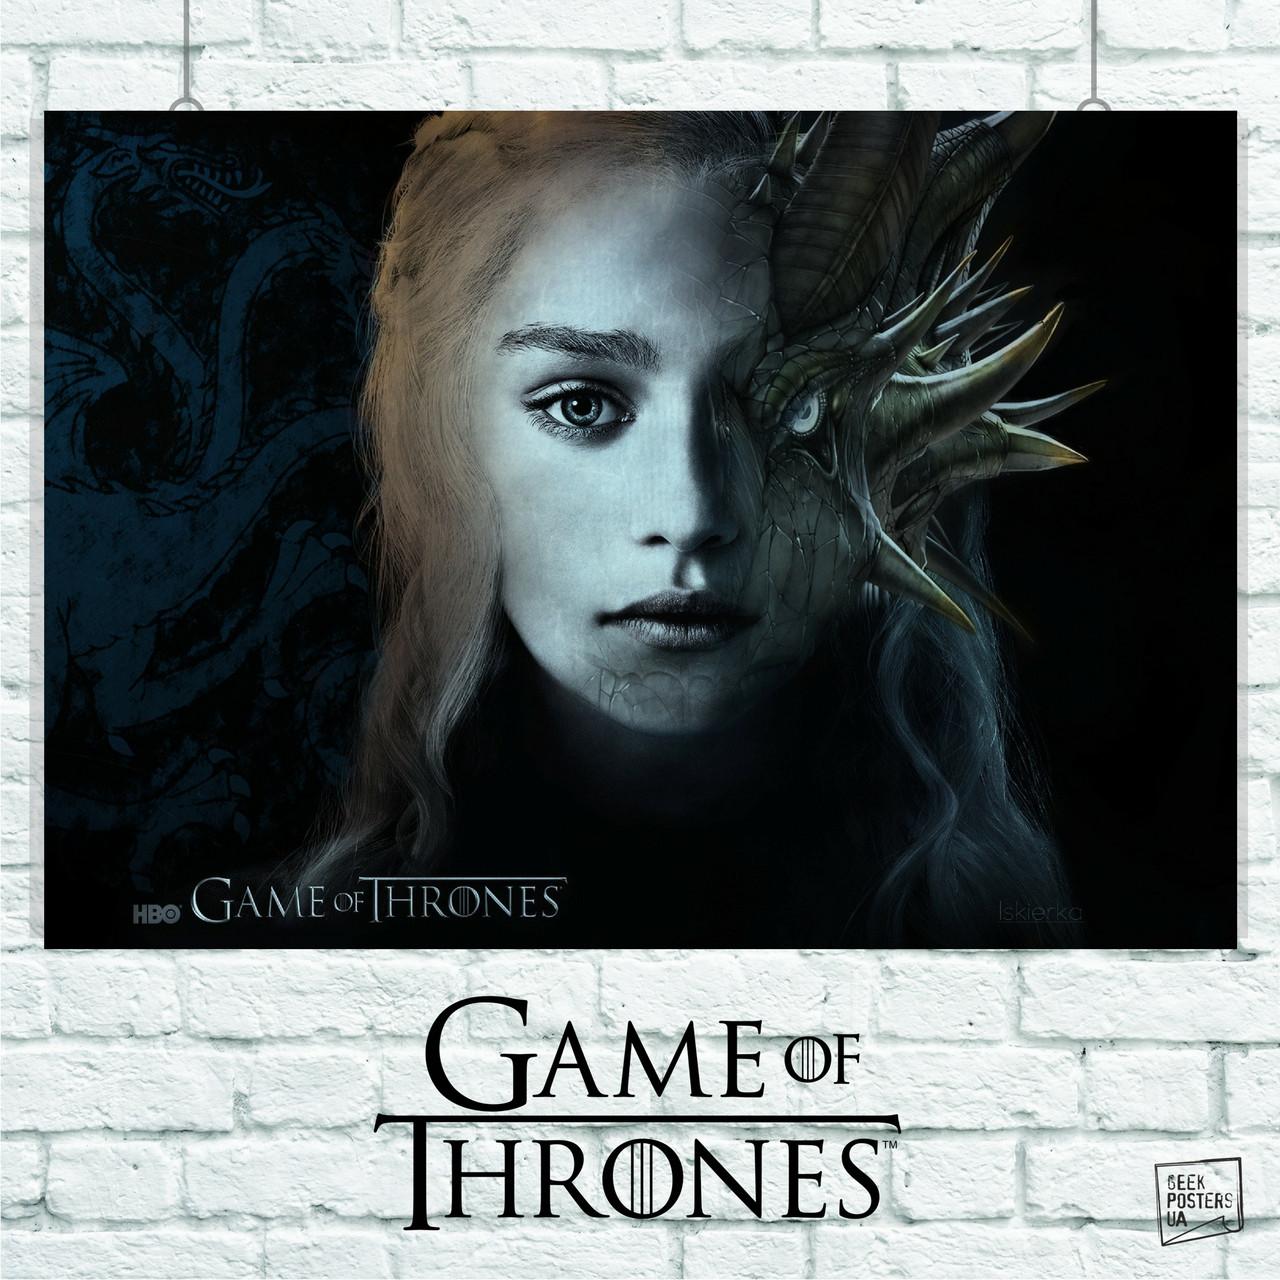 Постер Дайнерис-дракон, Игра Престолов, Game Of Thrones, GOT. Размер 60x42см (A2). Глянцевая бумага